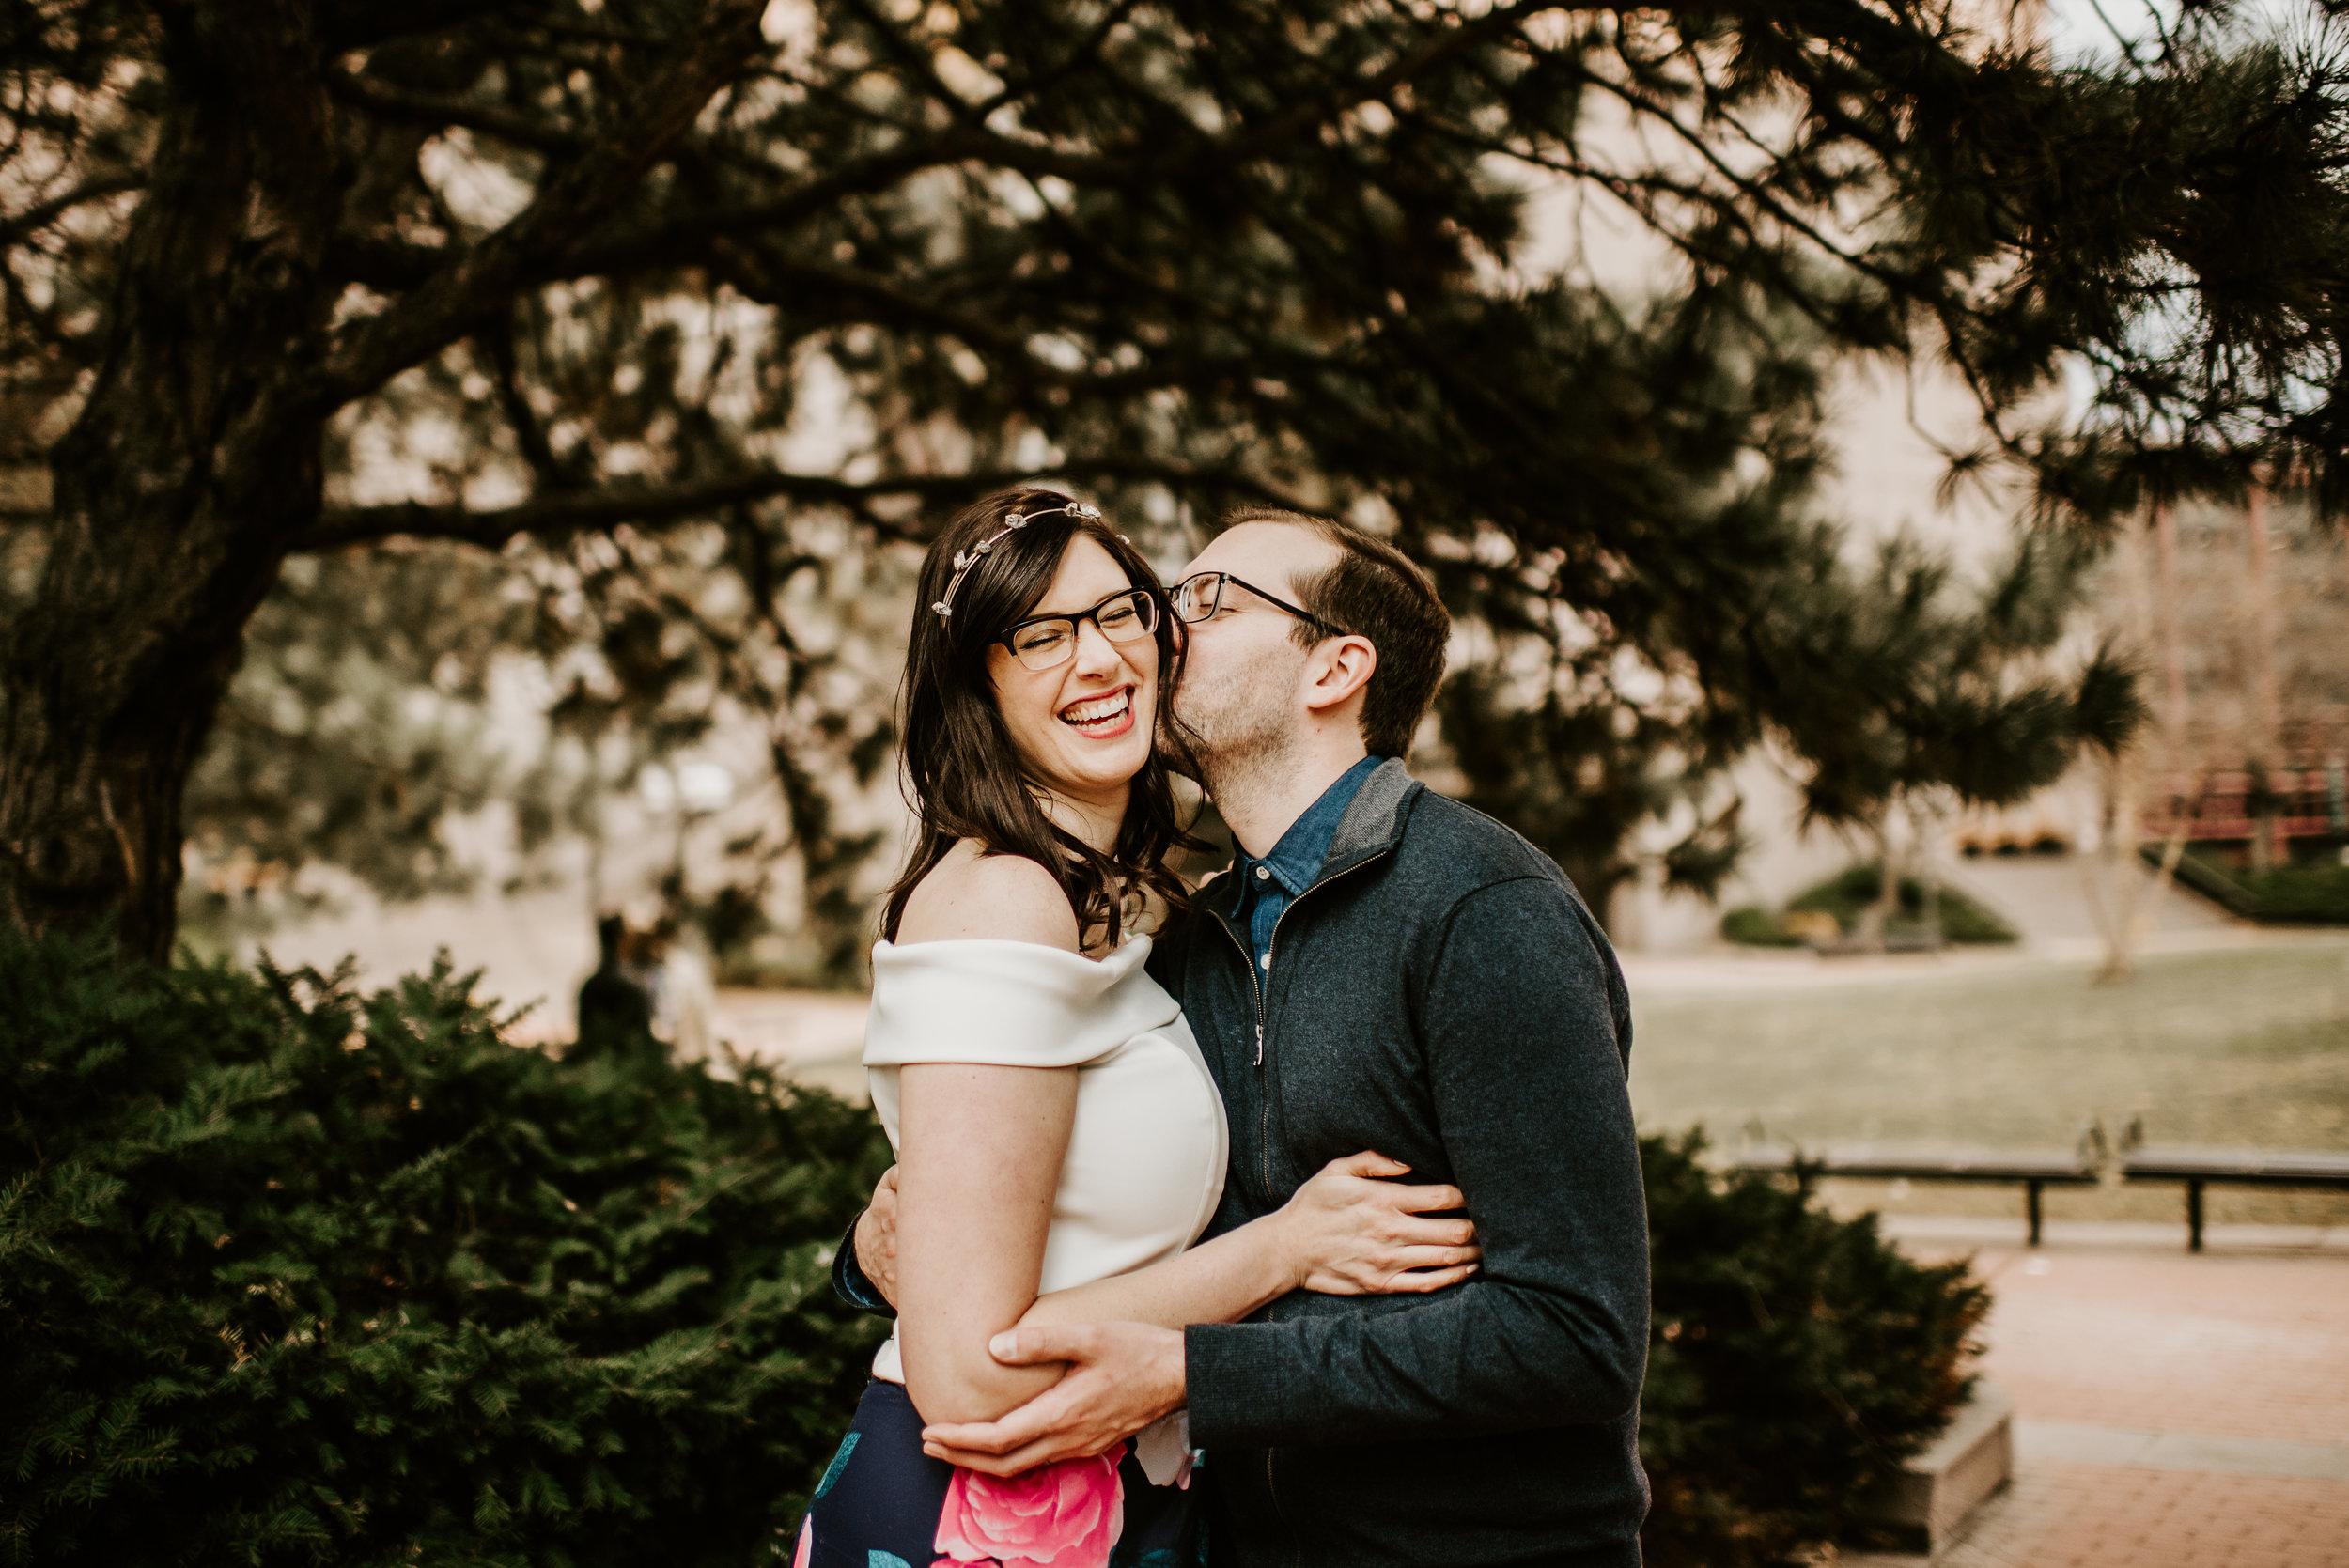 JUSTIN + ALEX - MINNEAPOLIS COURTHOUSE WEDDING